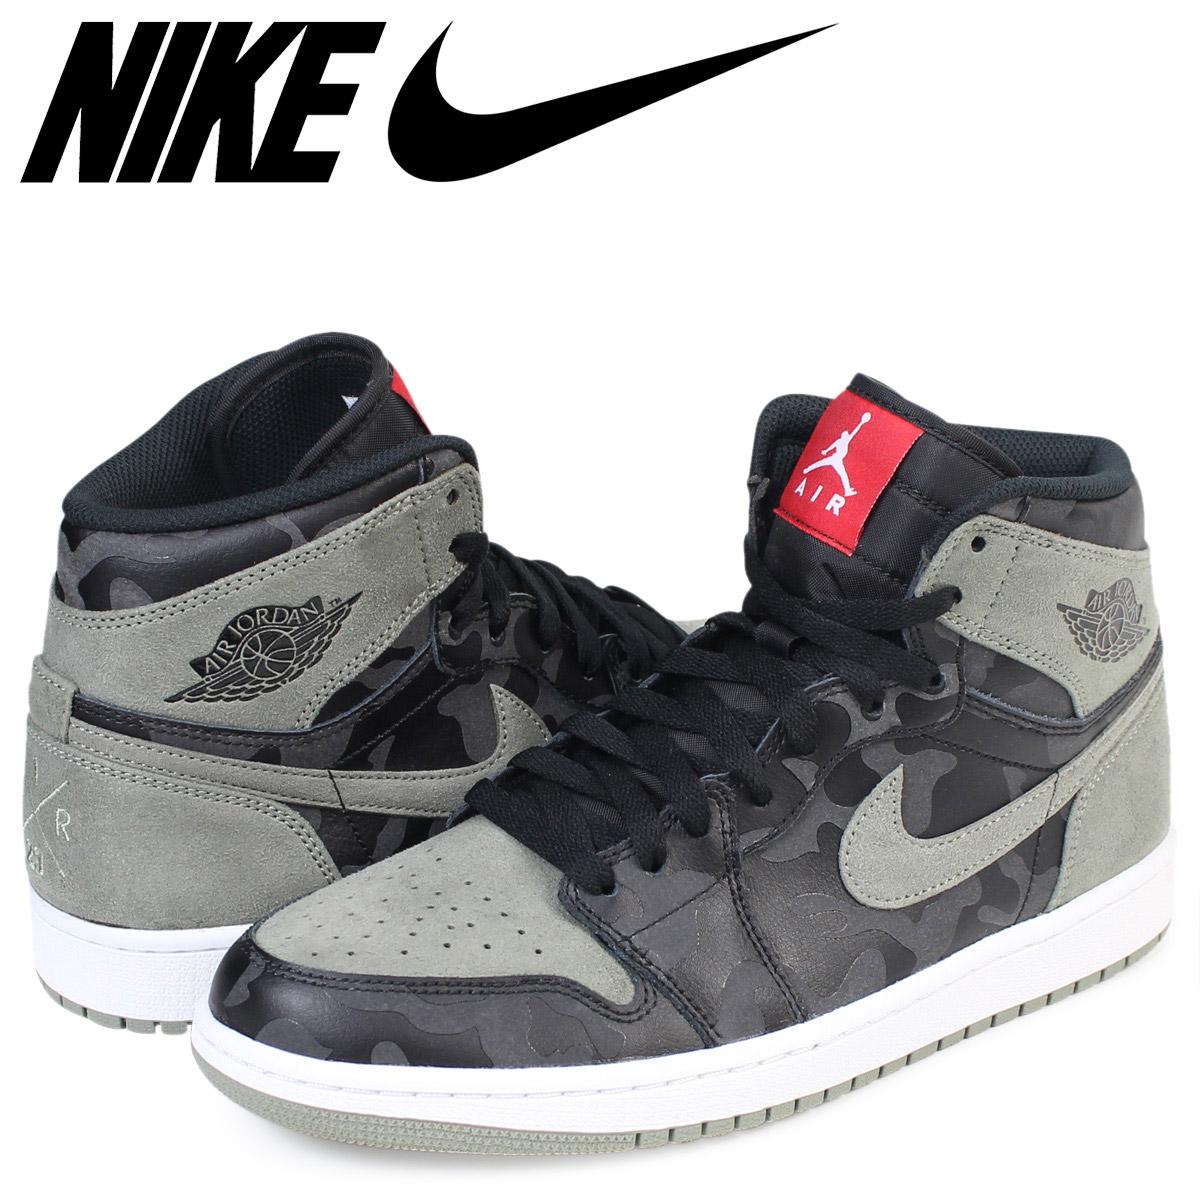 a977c94701971 NIKE Nike Air Jordan 1 nostalgic high sneakers men AIR JORDAN 1 RETRO HIGH  PREMIUM AA3993-034 black black